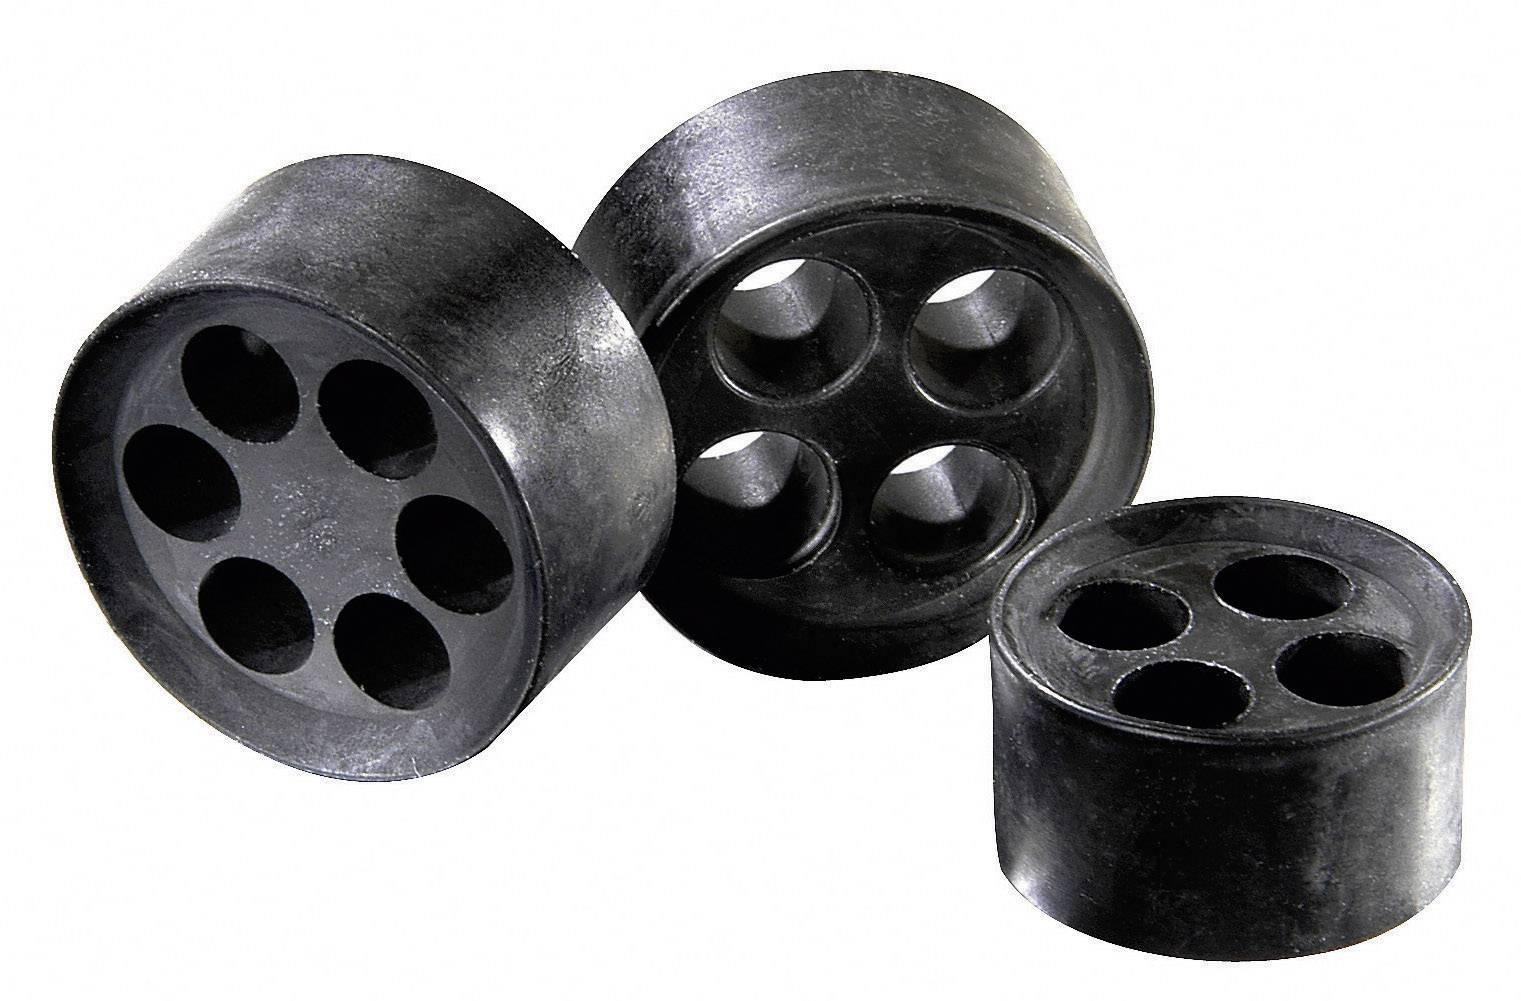 Těsnicí vložka M40 Wiska MFD 40/07/080 (10064347), IP66, M40, elastomer, černá